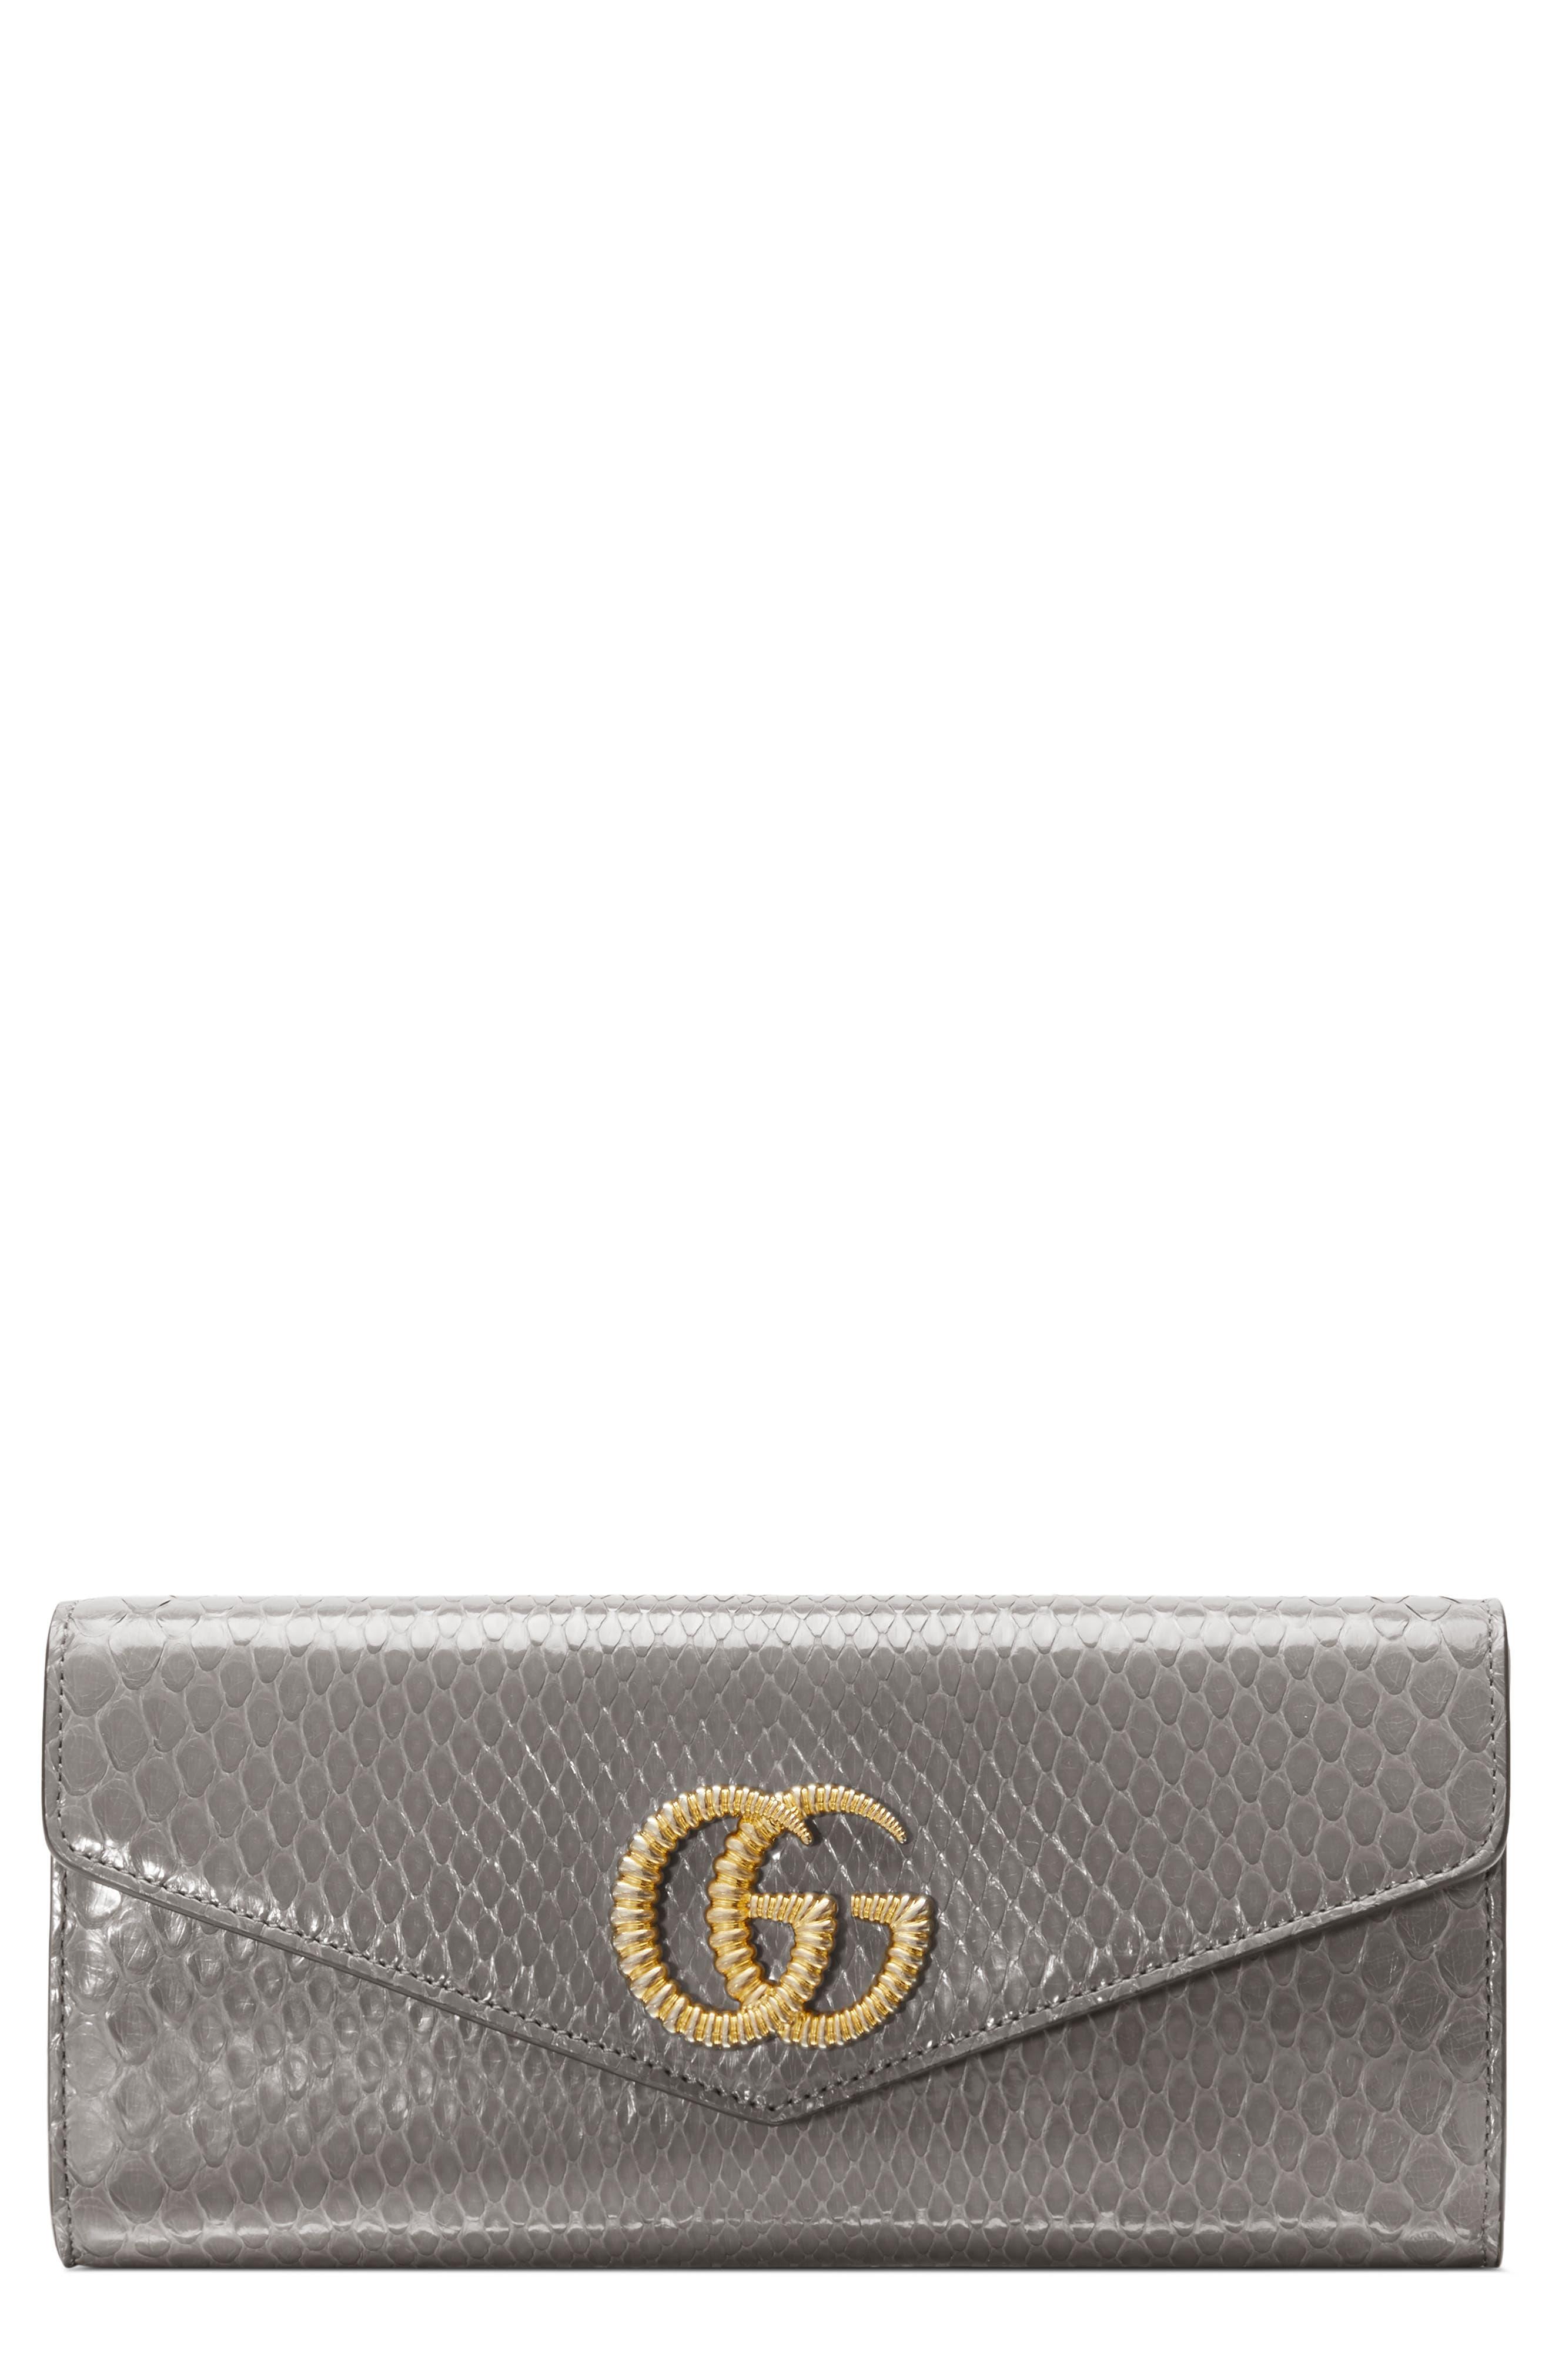 Gucci Clutch Broadway Genuine Snakeskin Evening Clutch